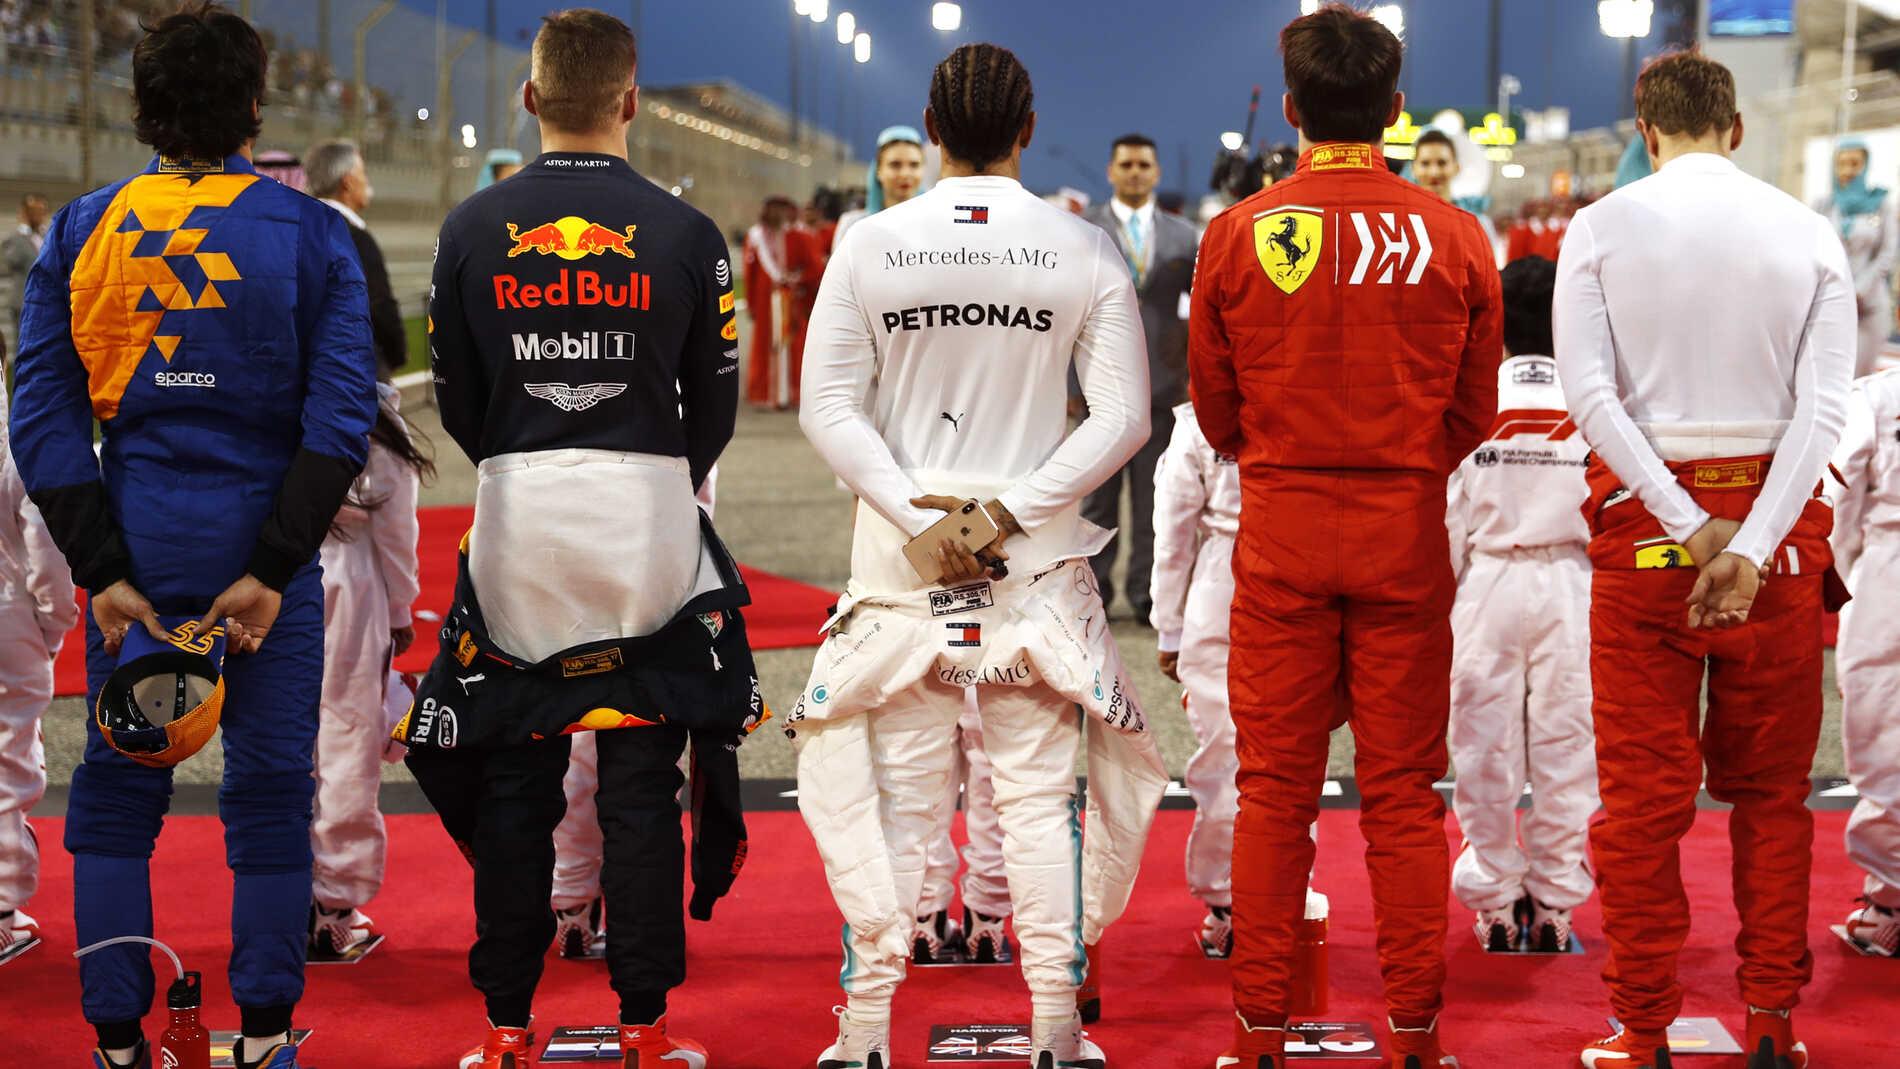 Best F1 Drivers